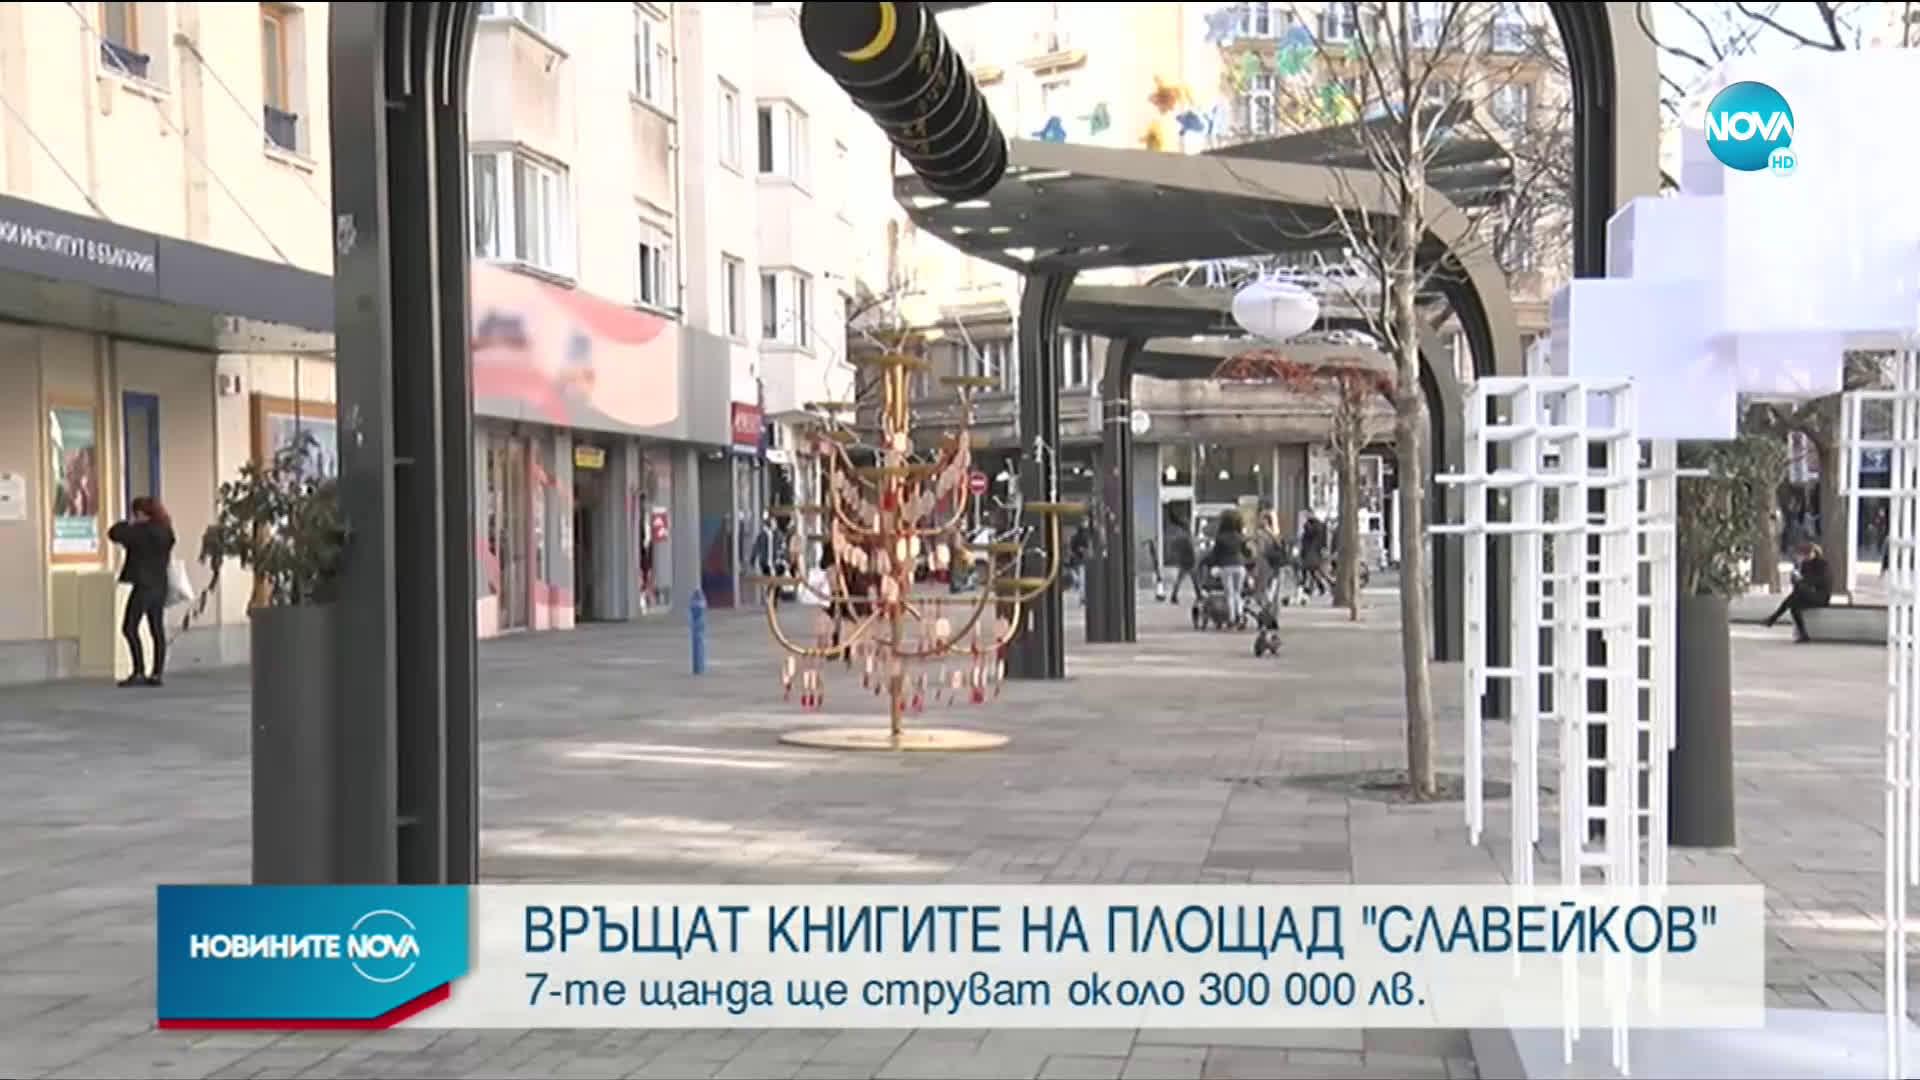 """Връщат книгите на площад """"Славейков"""""""